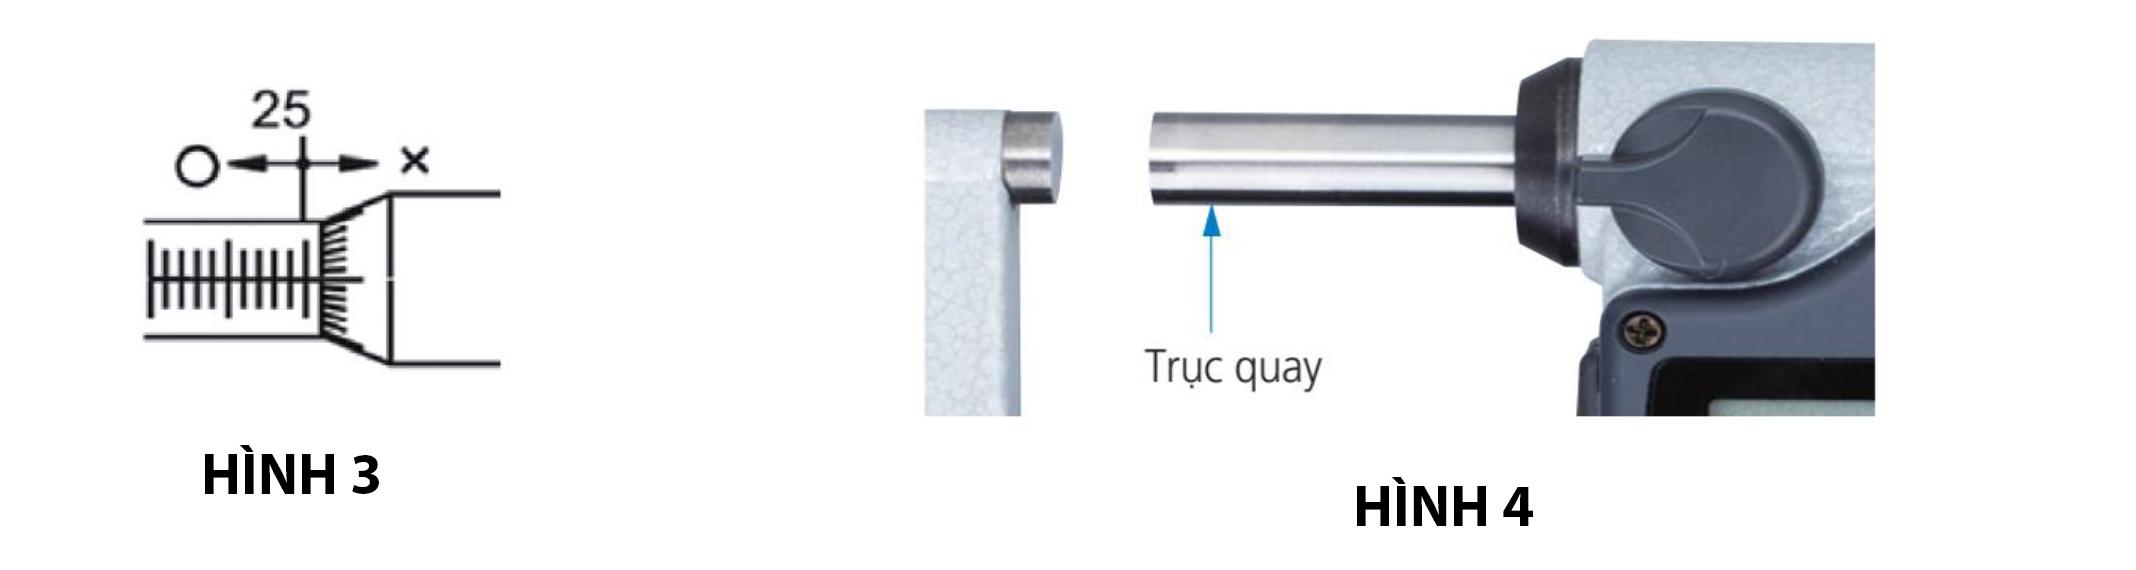 Hướng dẫn cách kiểm tra và sử dụng panme đo ngoài điện tử Mitutoyo